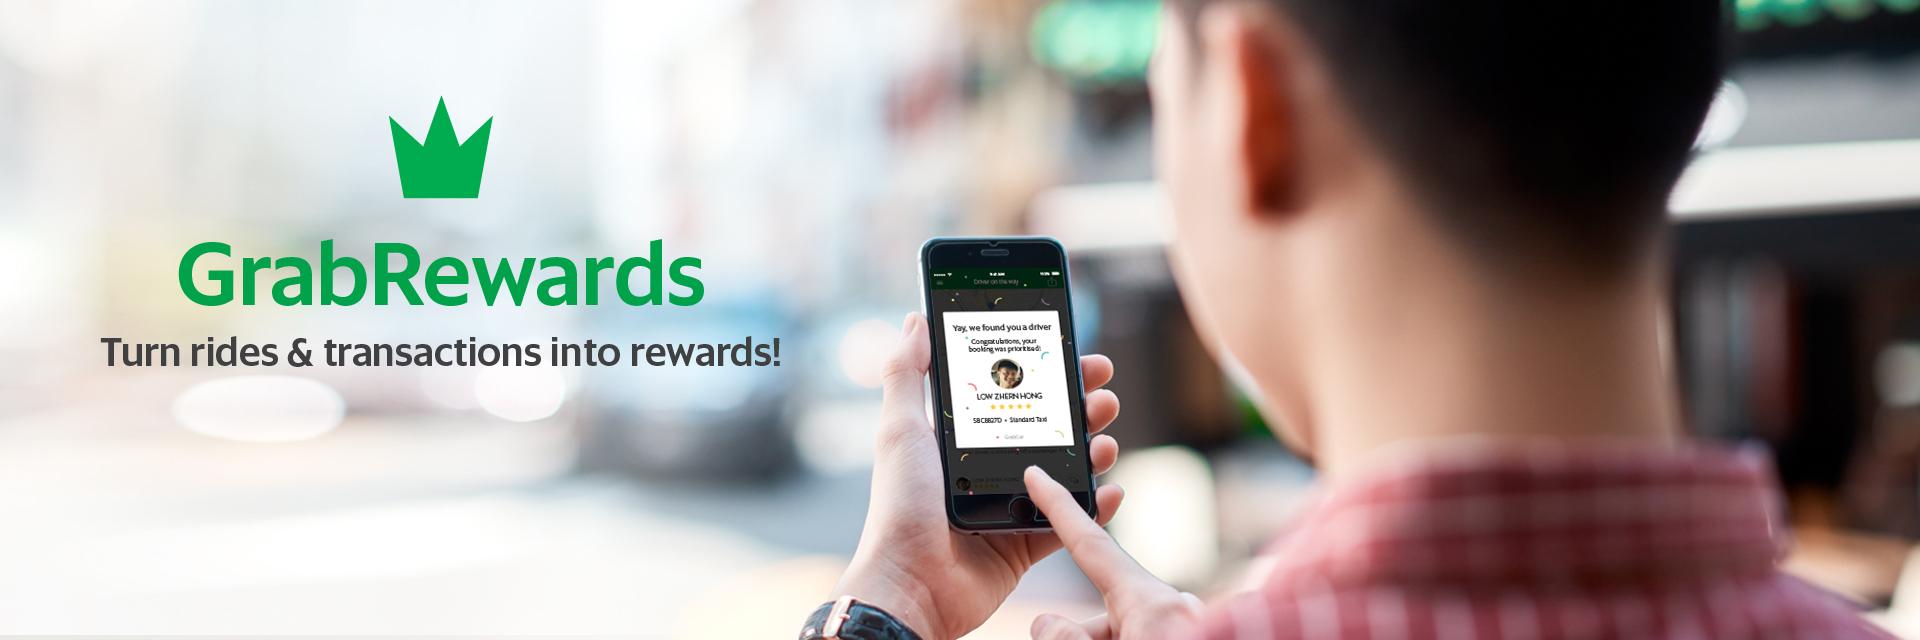 Grab Rewards 2.jpg